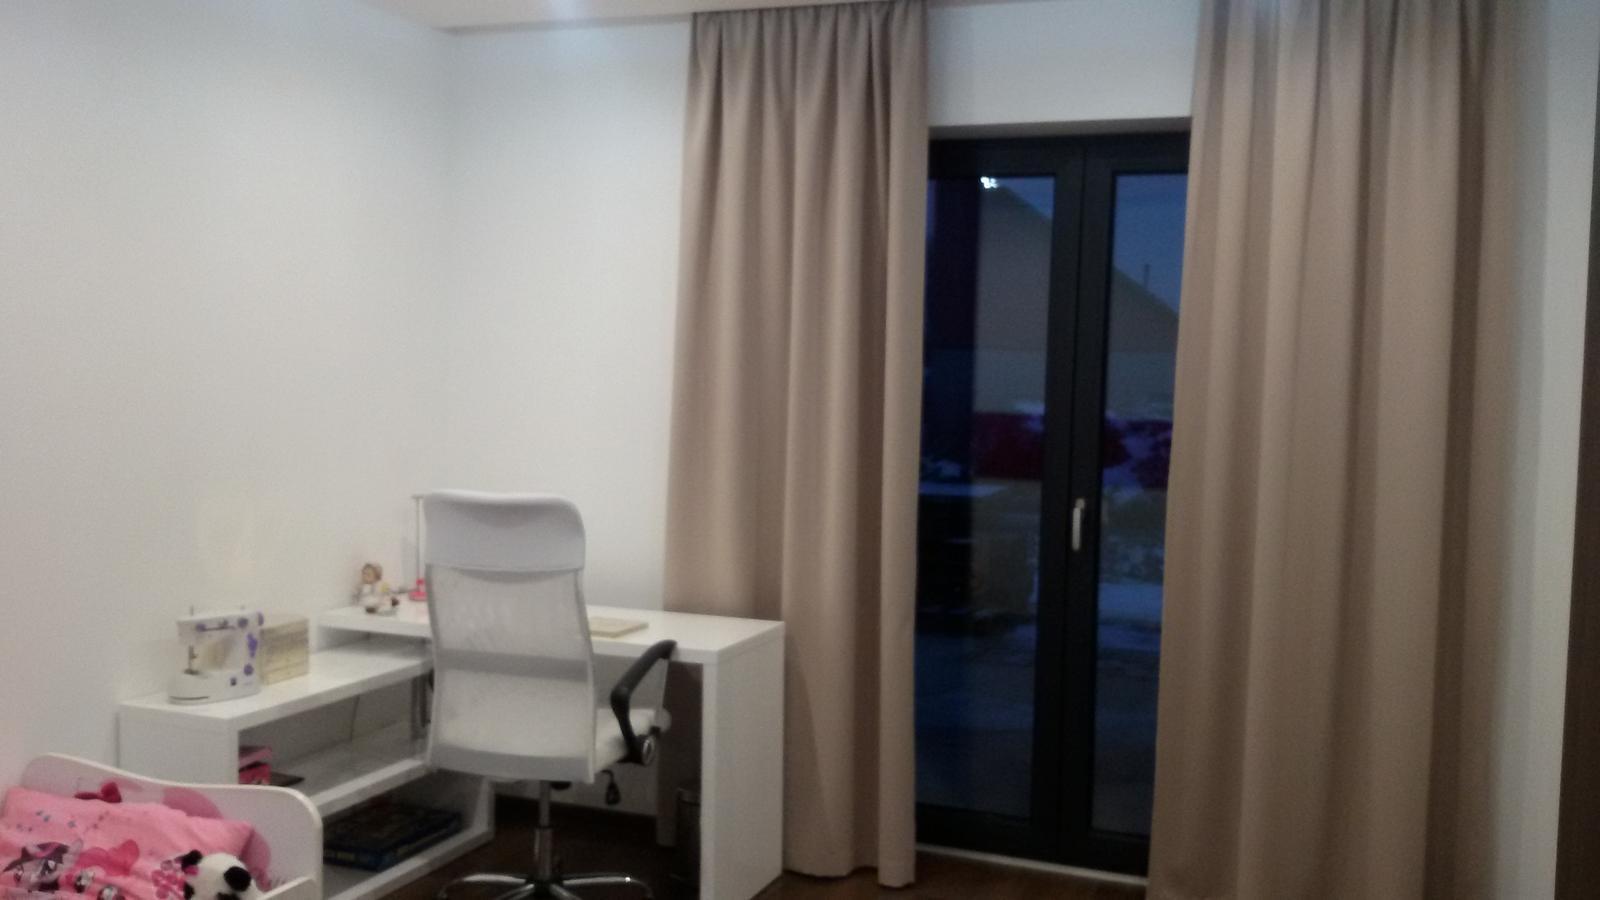 Inšpirovaný MUZOu - dievčenská detska izba- na jar vymeníme posteľ za veľkú 160